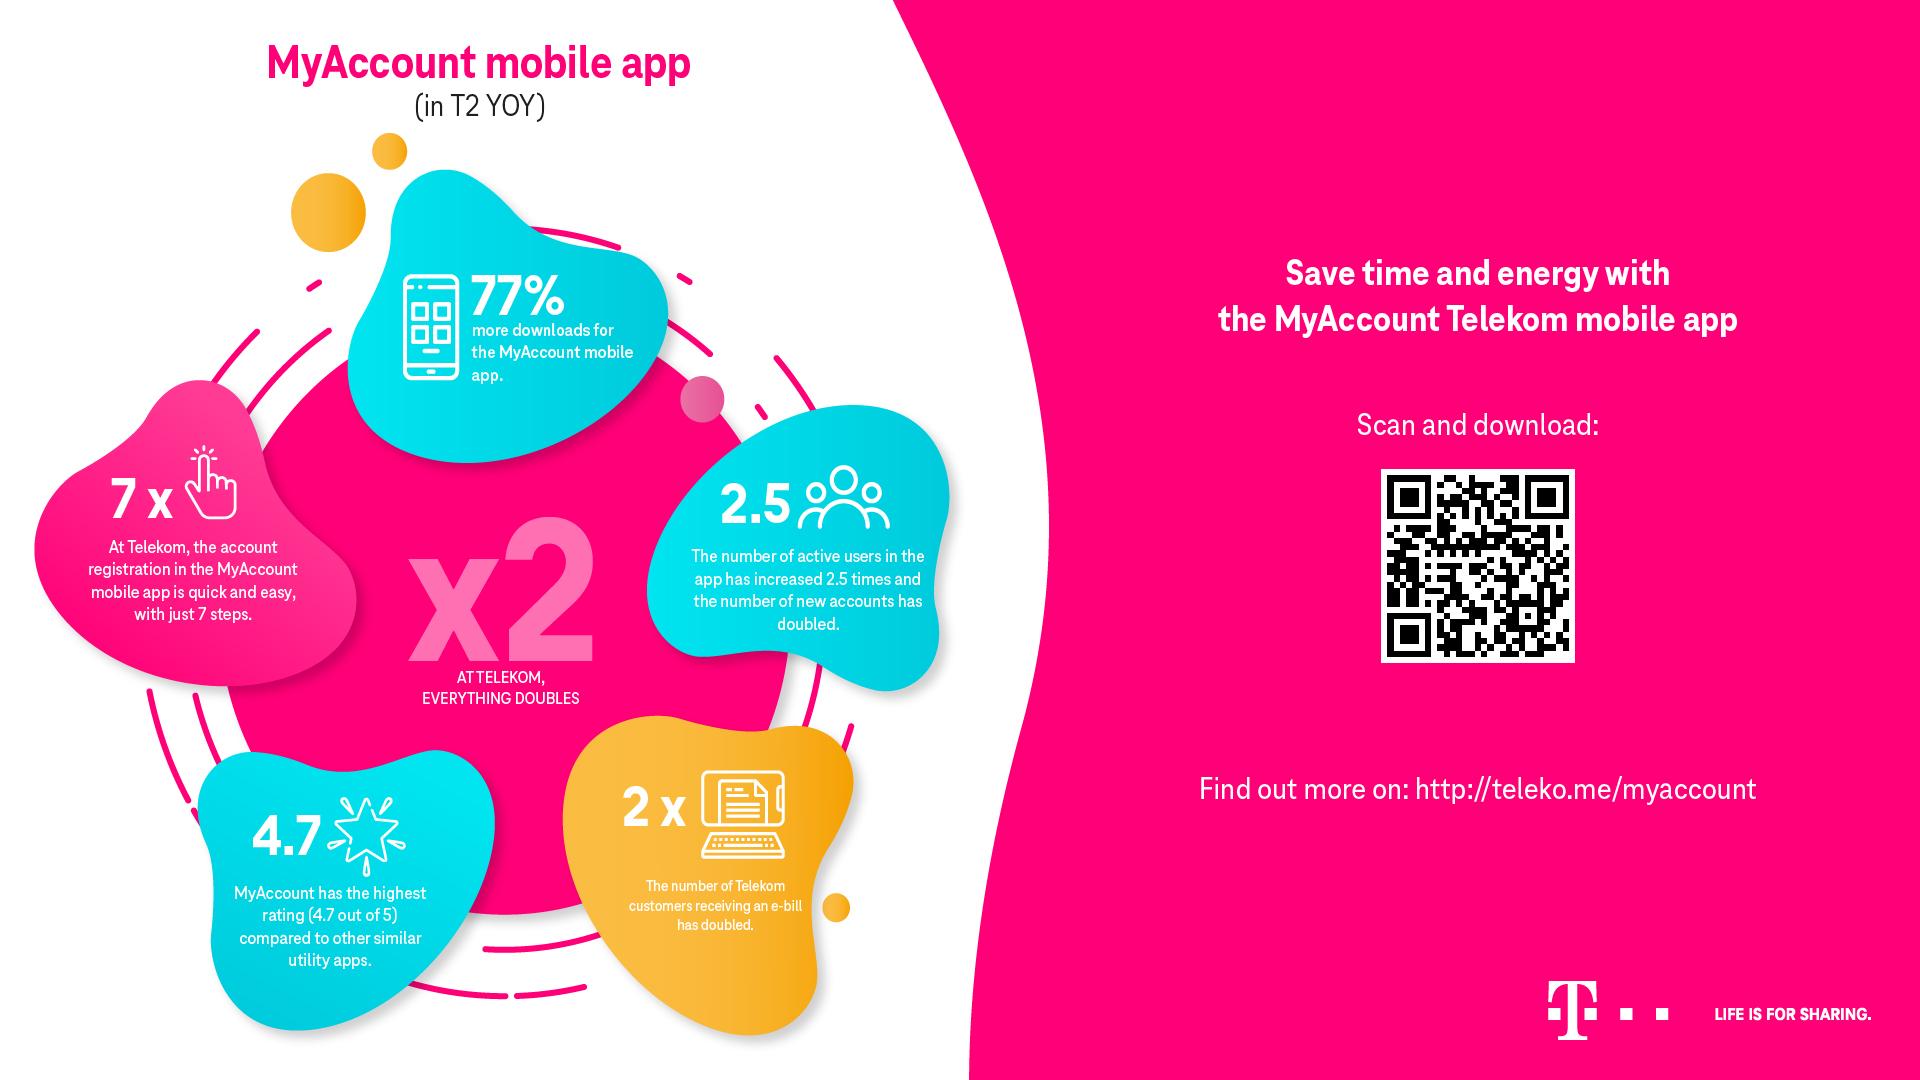 Dublări ale utilizării aplicației mobile MyAccount Telekom, în trimestrul al doilea al acestui an